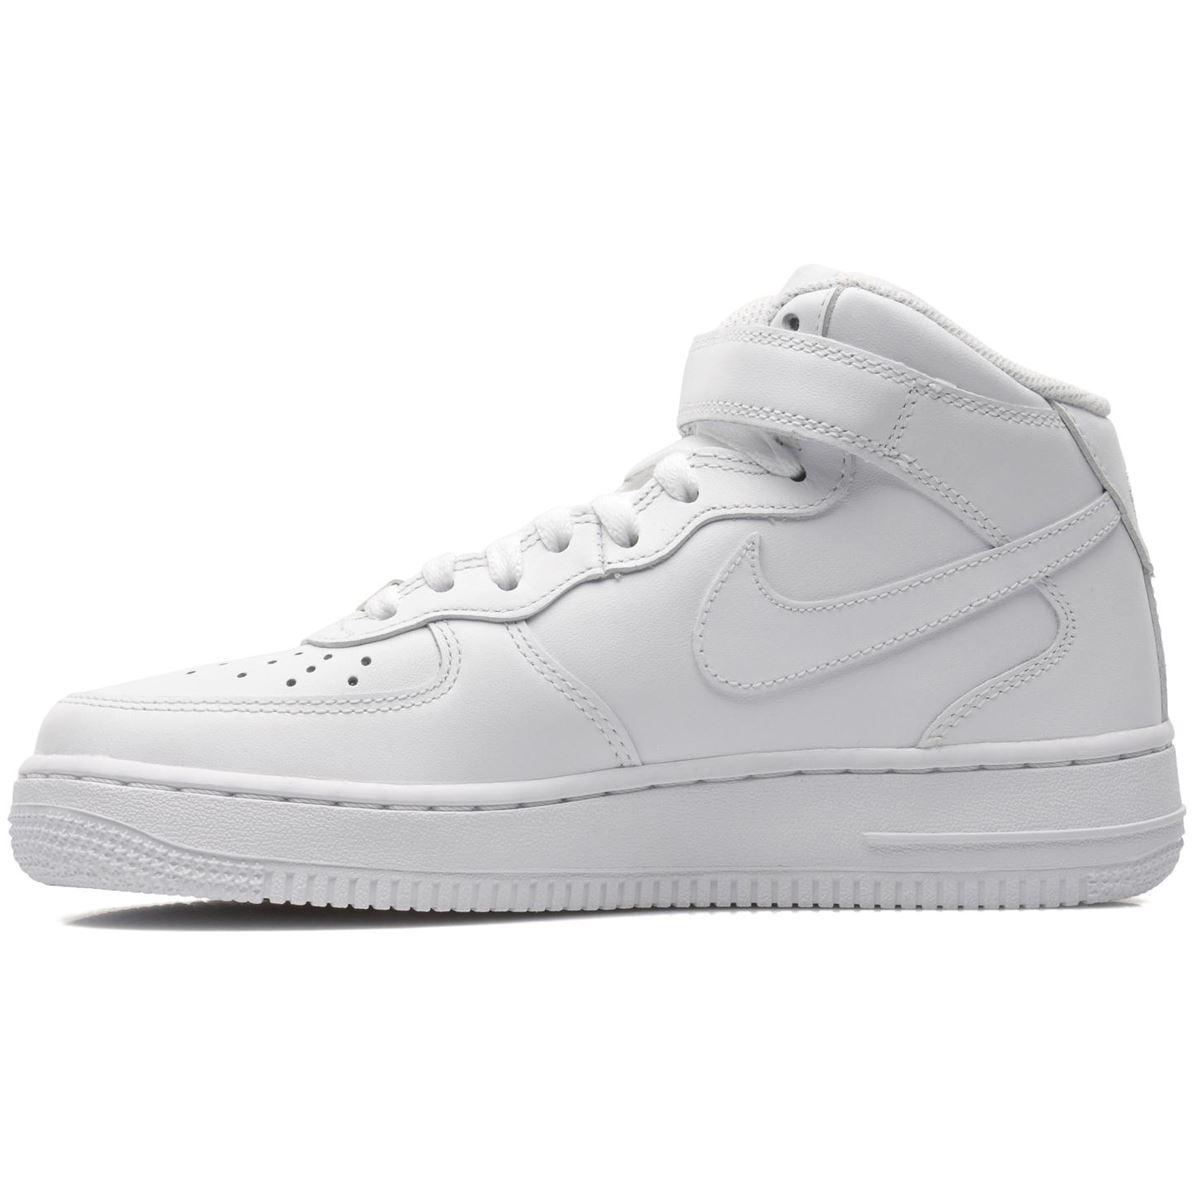 sortie avec paypal Nike Air Force 1 Des Femmes De Ebay professionnel moins cher vue vente aeOzj